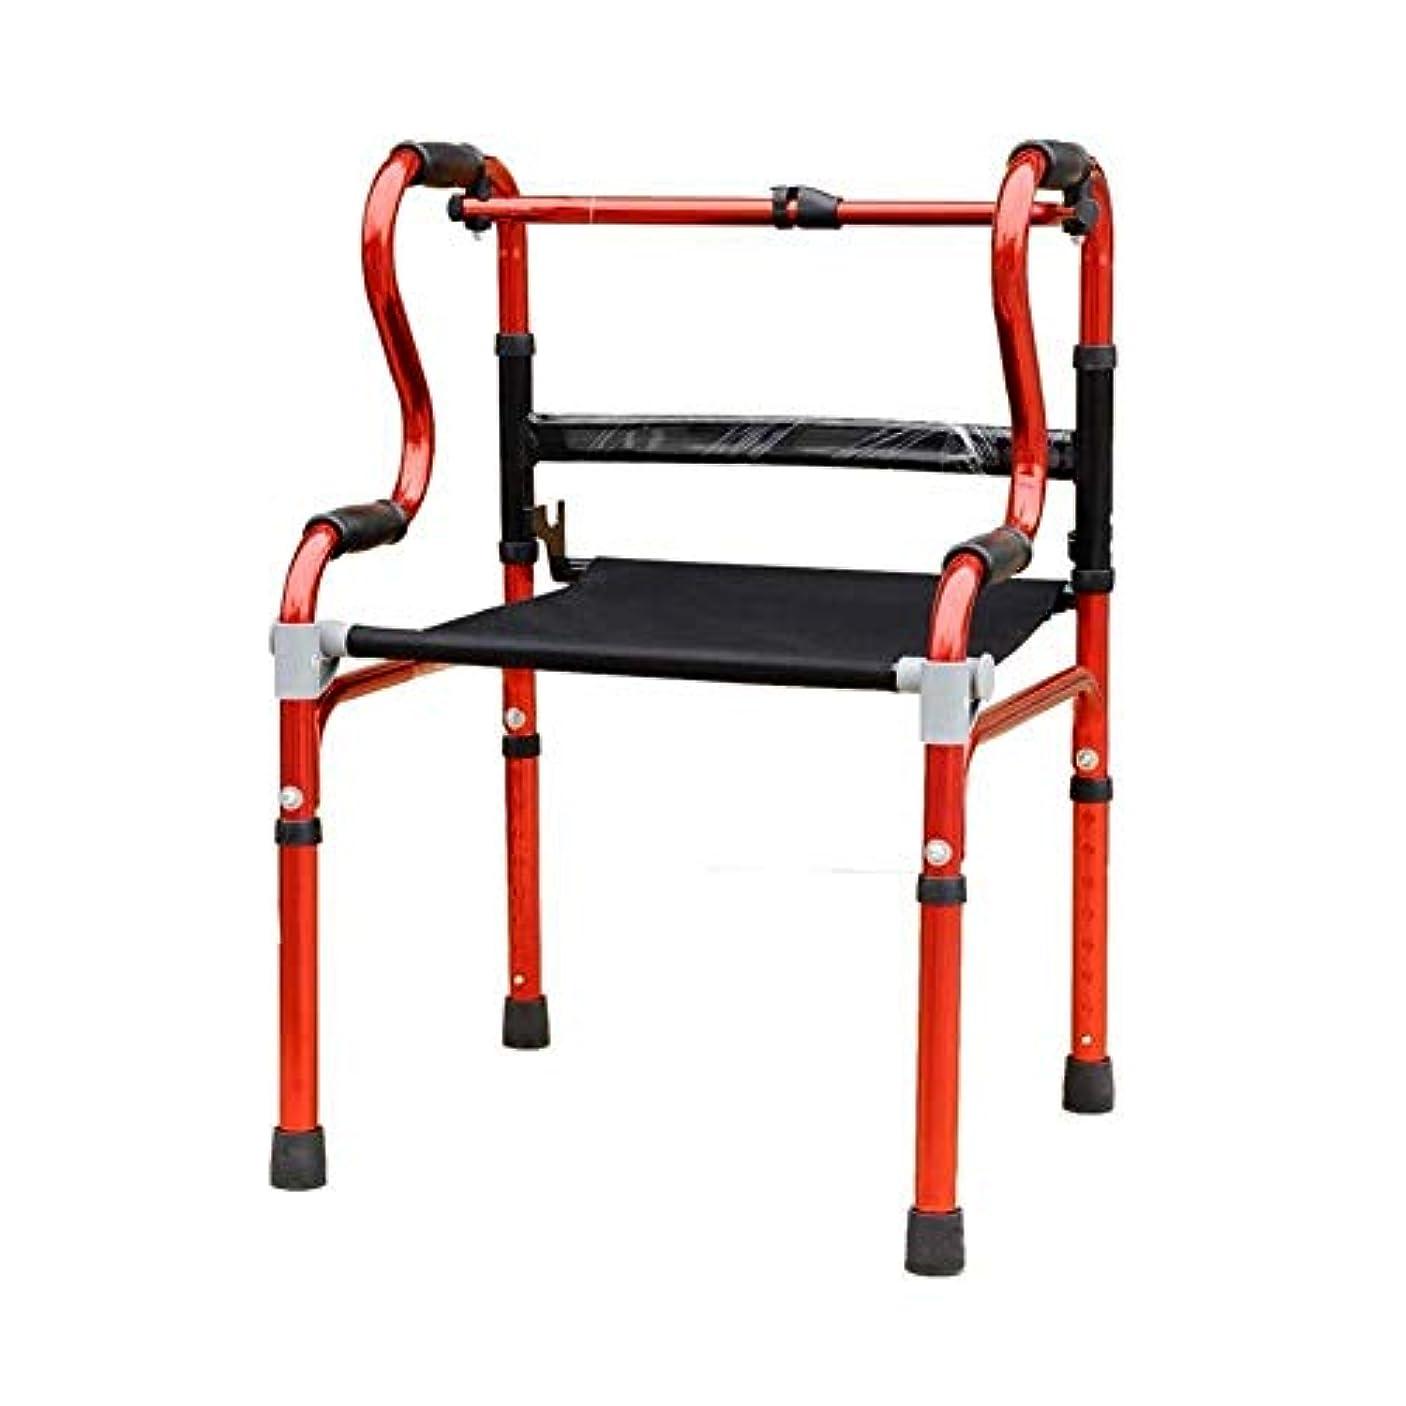 無駄なカウントアップ適応する軽量ウォーカー、パッド入りシートとバッグコンパクト折りたたみデザイン高齢者ウォーカー付きアルミニウムローラー